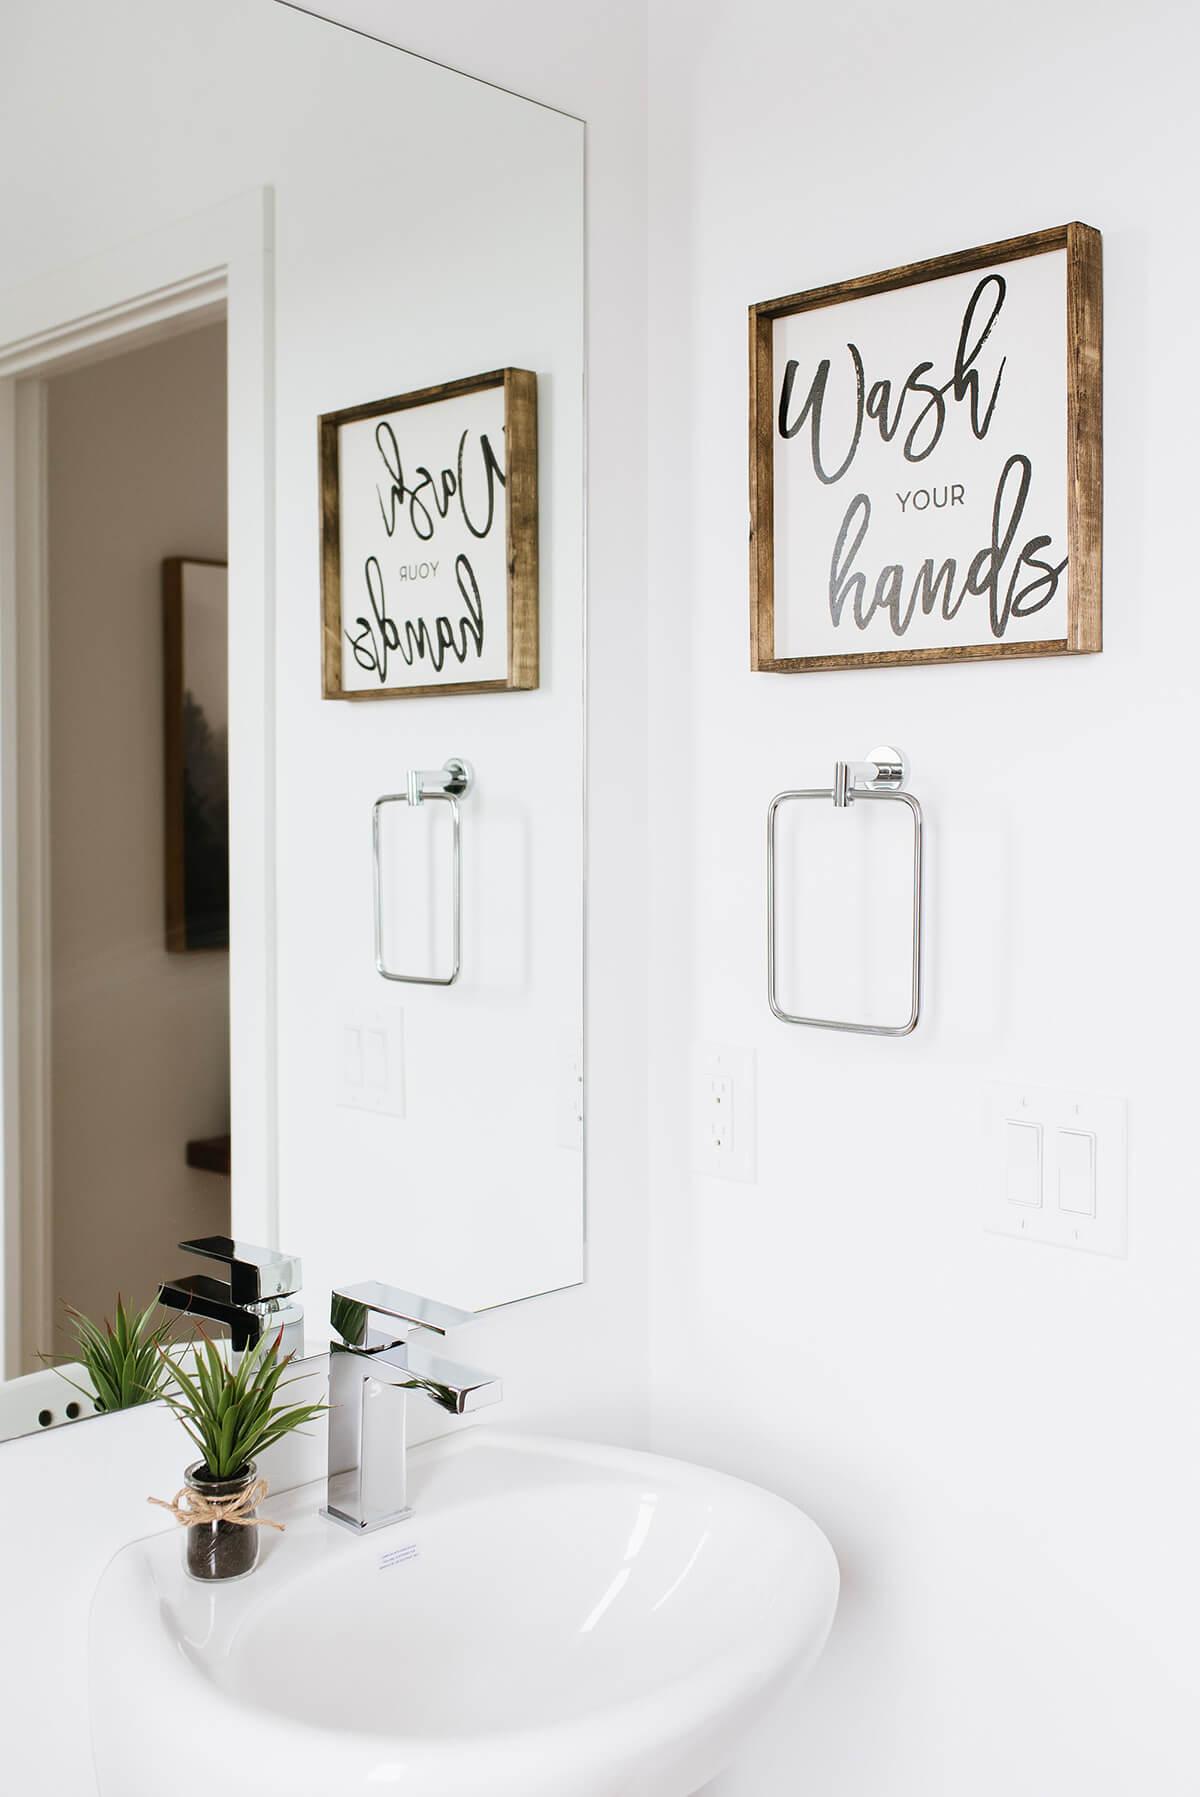 Main, lettrage, laver vos mains, signe